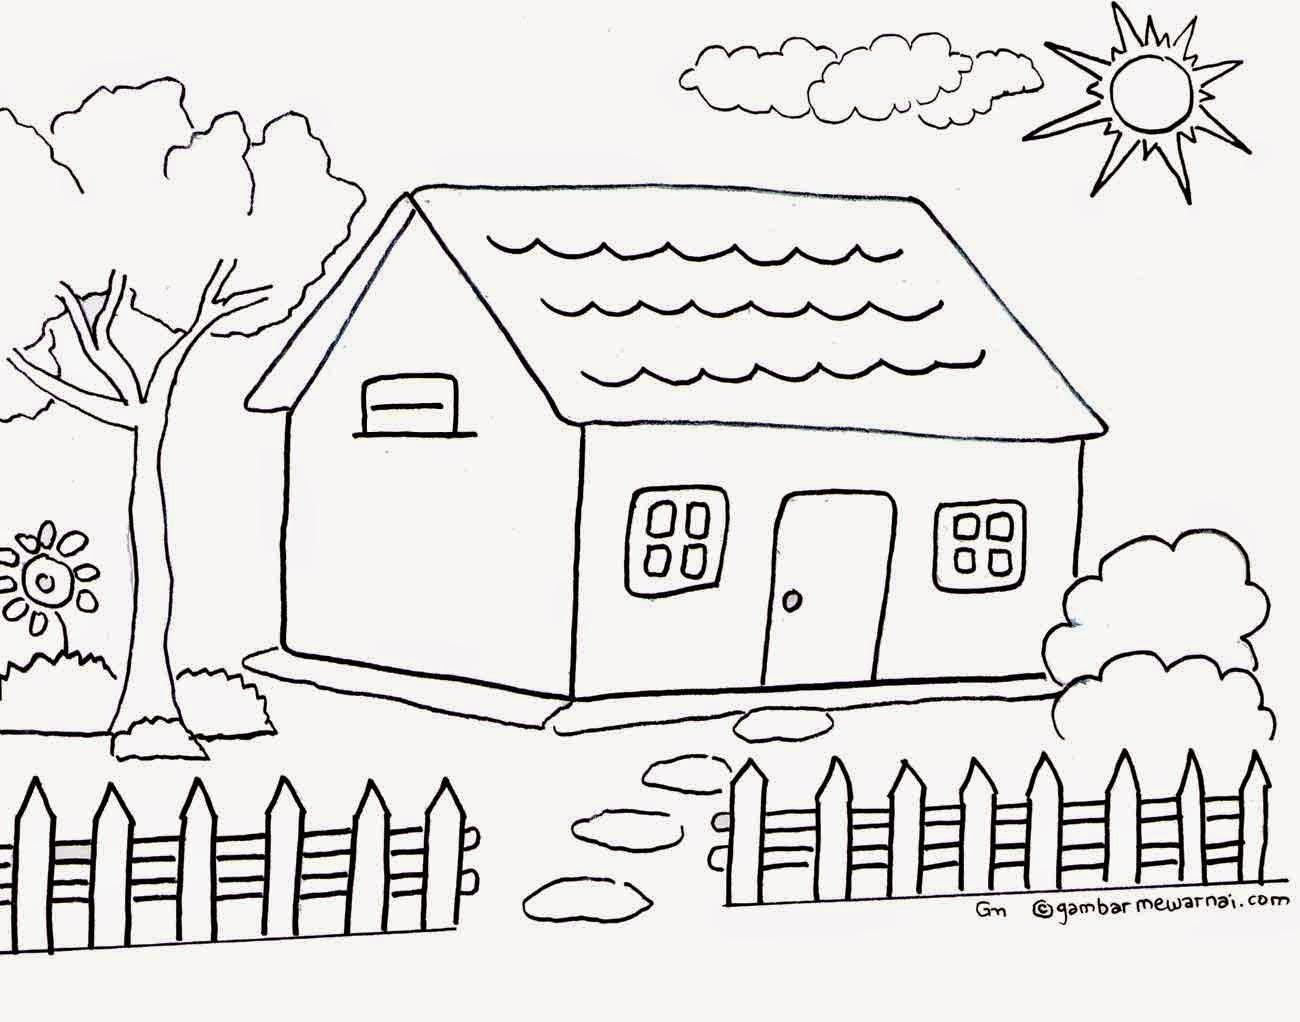 Sketsa Gambar Untuk Anak Sd Kelas 1 Sobsketsa